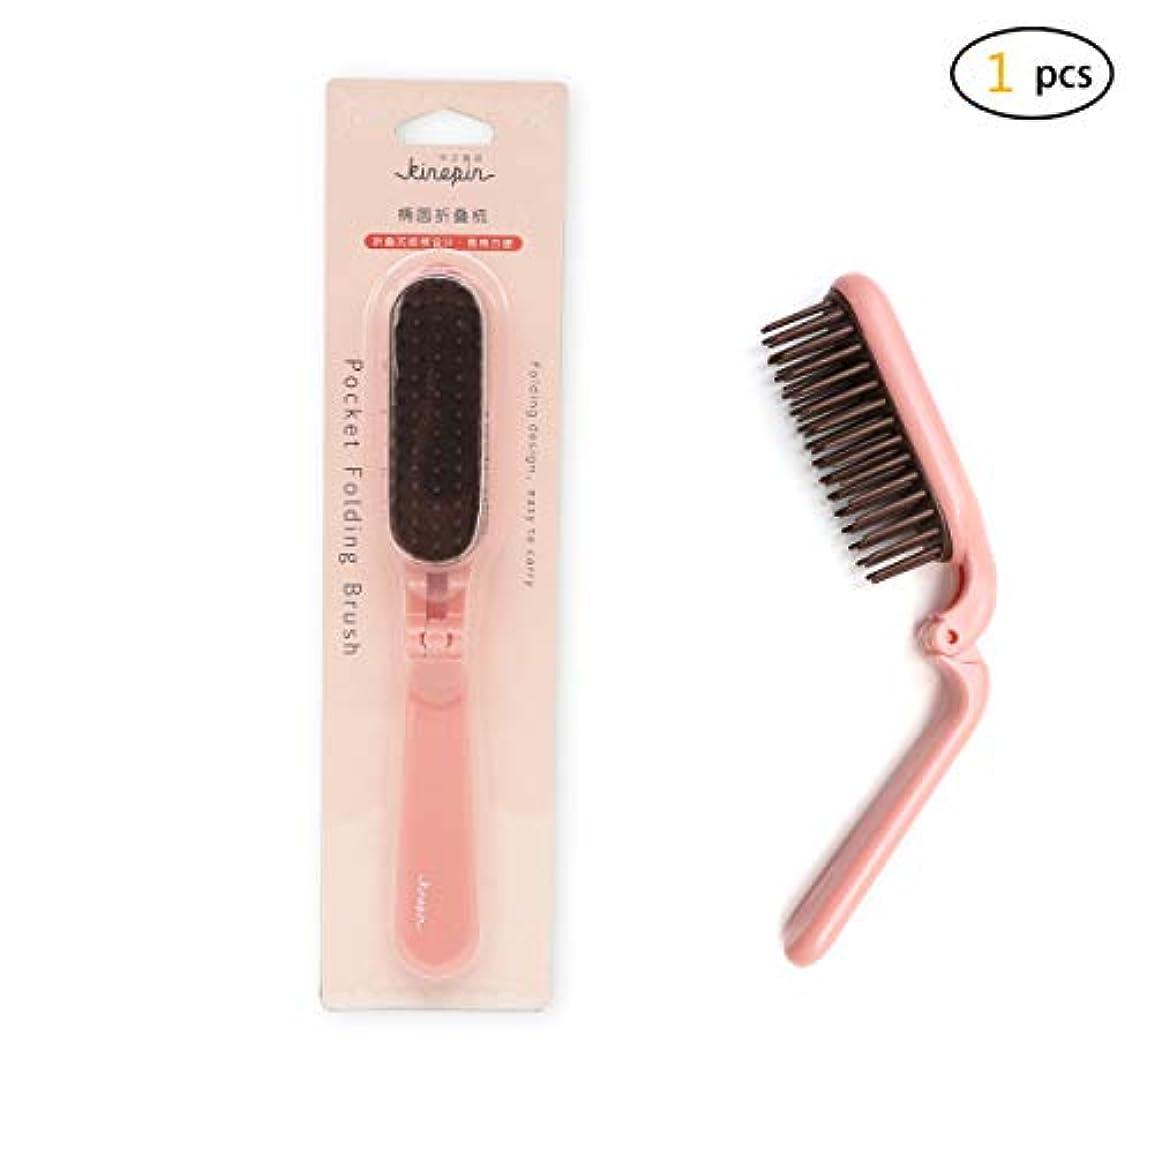 ホイール若さフレームワークDofash 1ピースナチュラルかすかな香り小麦わらの歯手作りの櫛18センチ/ 7インチ×3センチ/ 1.2インチ(LxW)、濡れたまたは太い髪のためのもつれ取りおよびグルーミング(ライトブルーA)